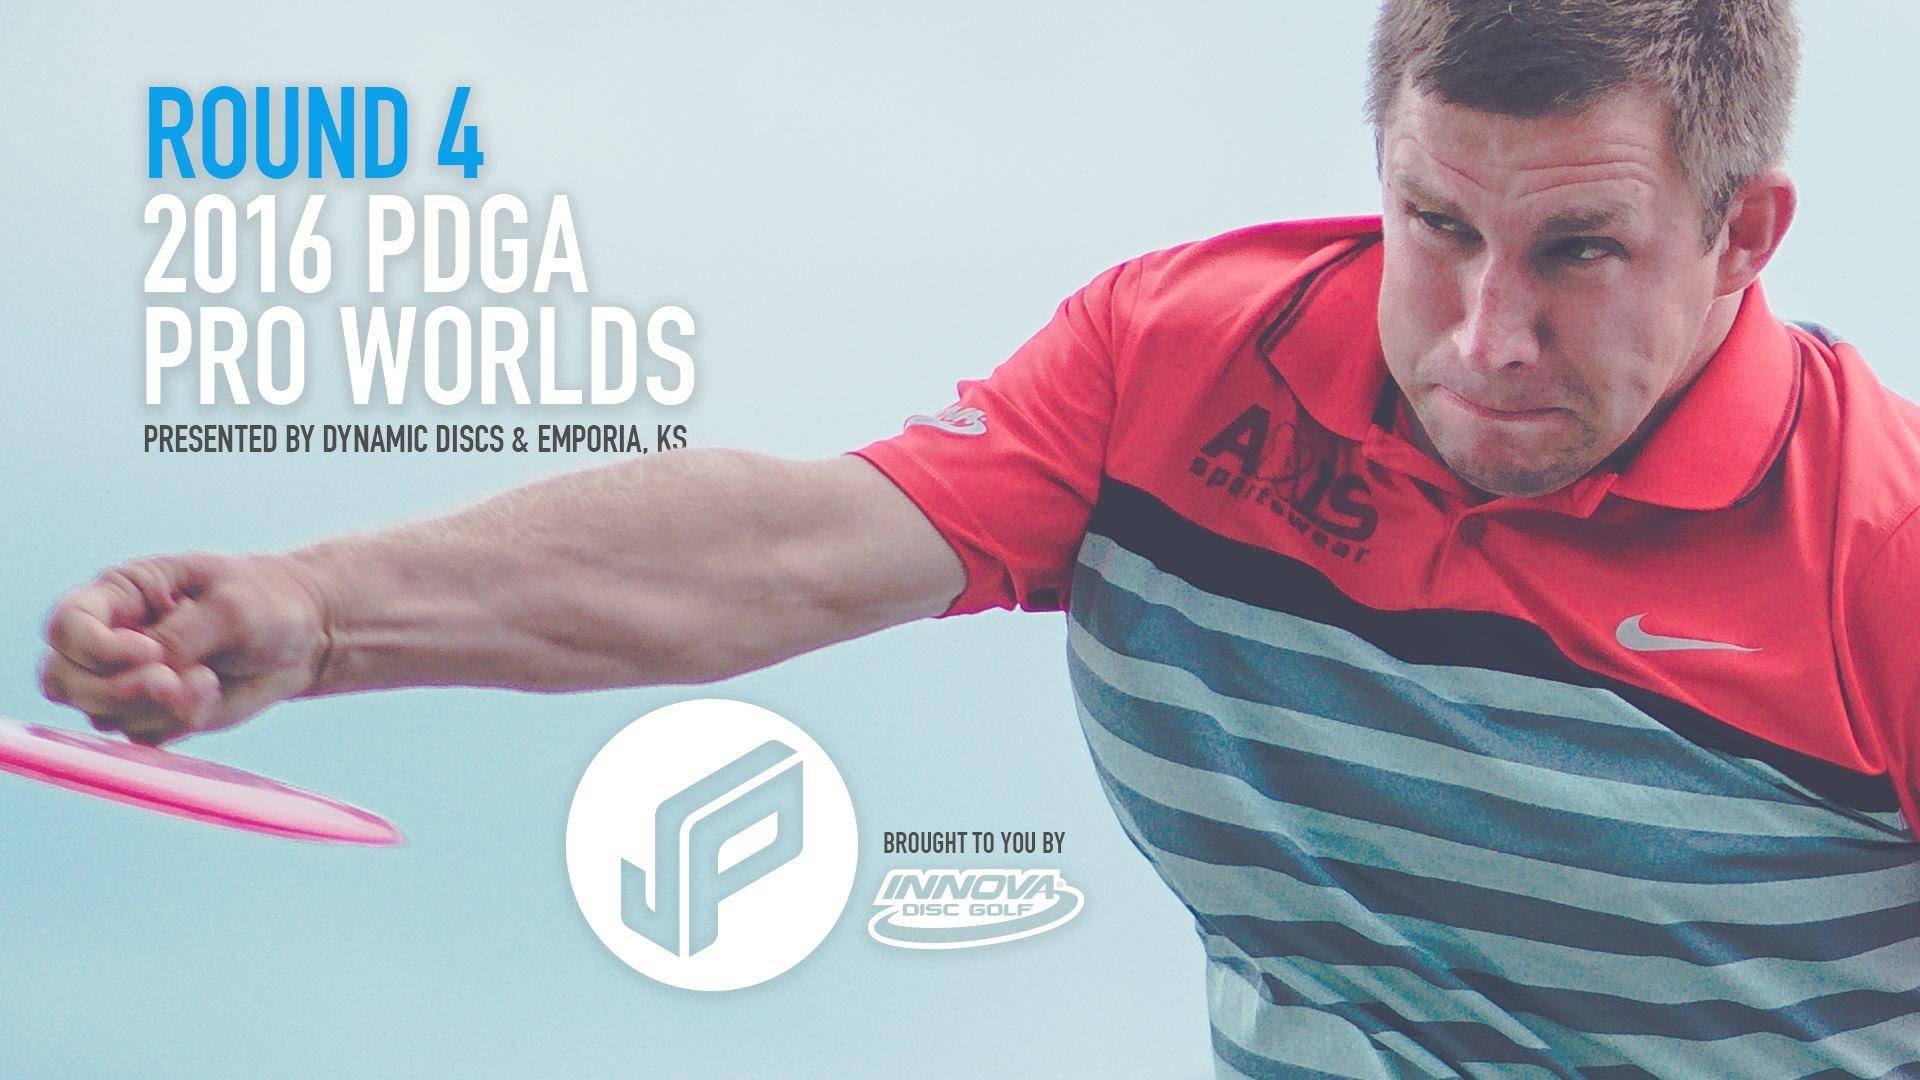 2016 PDGA Pro Worlds Round 4